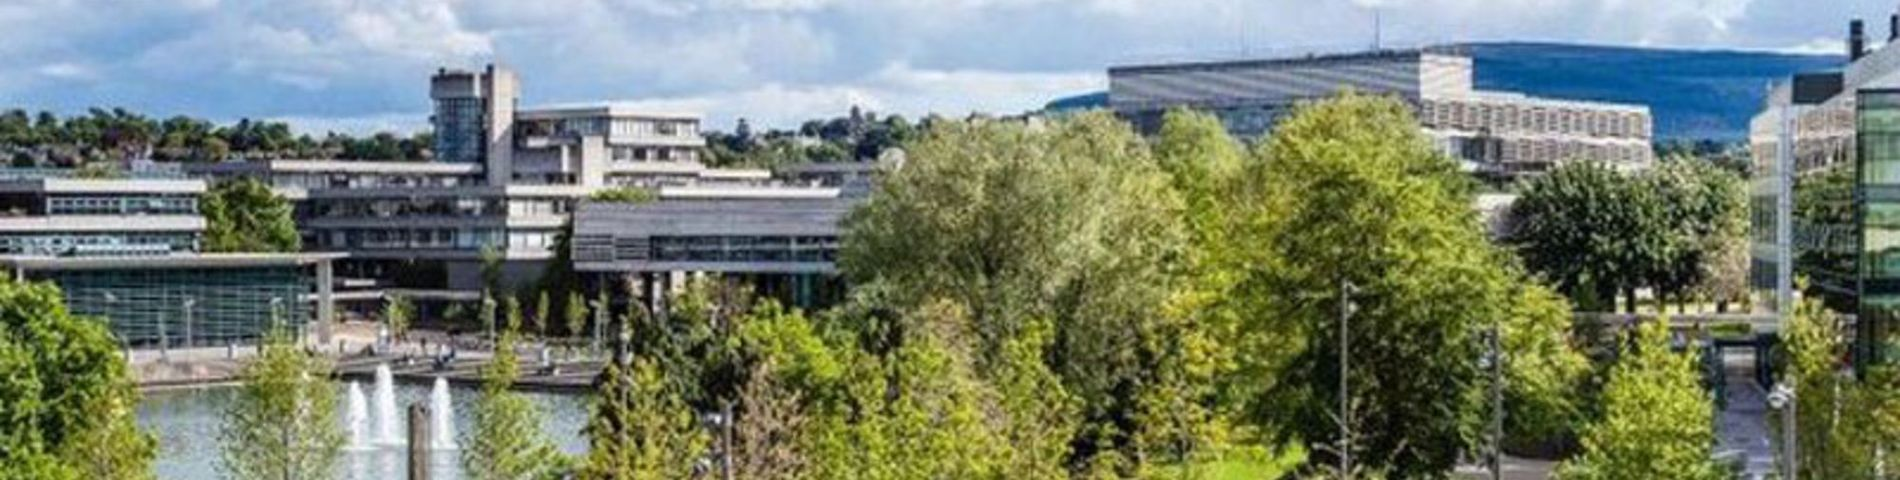 PLUS Junior Centre รูปภาพ 1